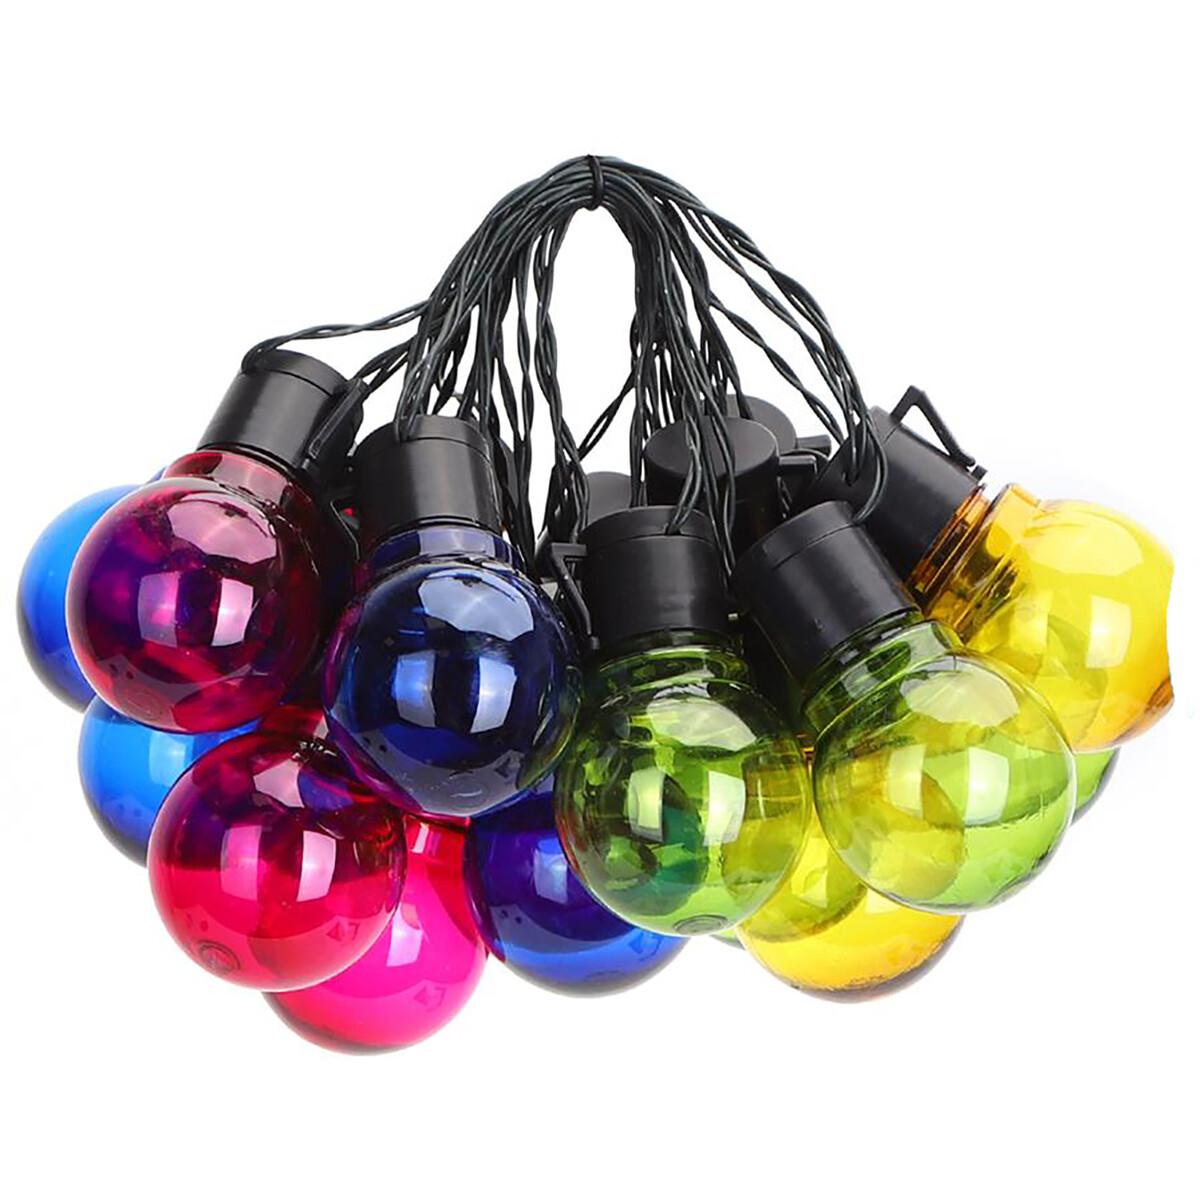 LED Lichtsnoer met Zonne-energie - Dag en Nacht Sensor - Aigi Ligo - 20W - 5.8 Meter - 20 LED's Meer